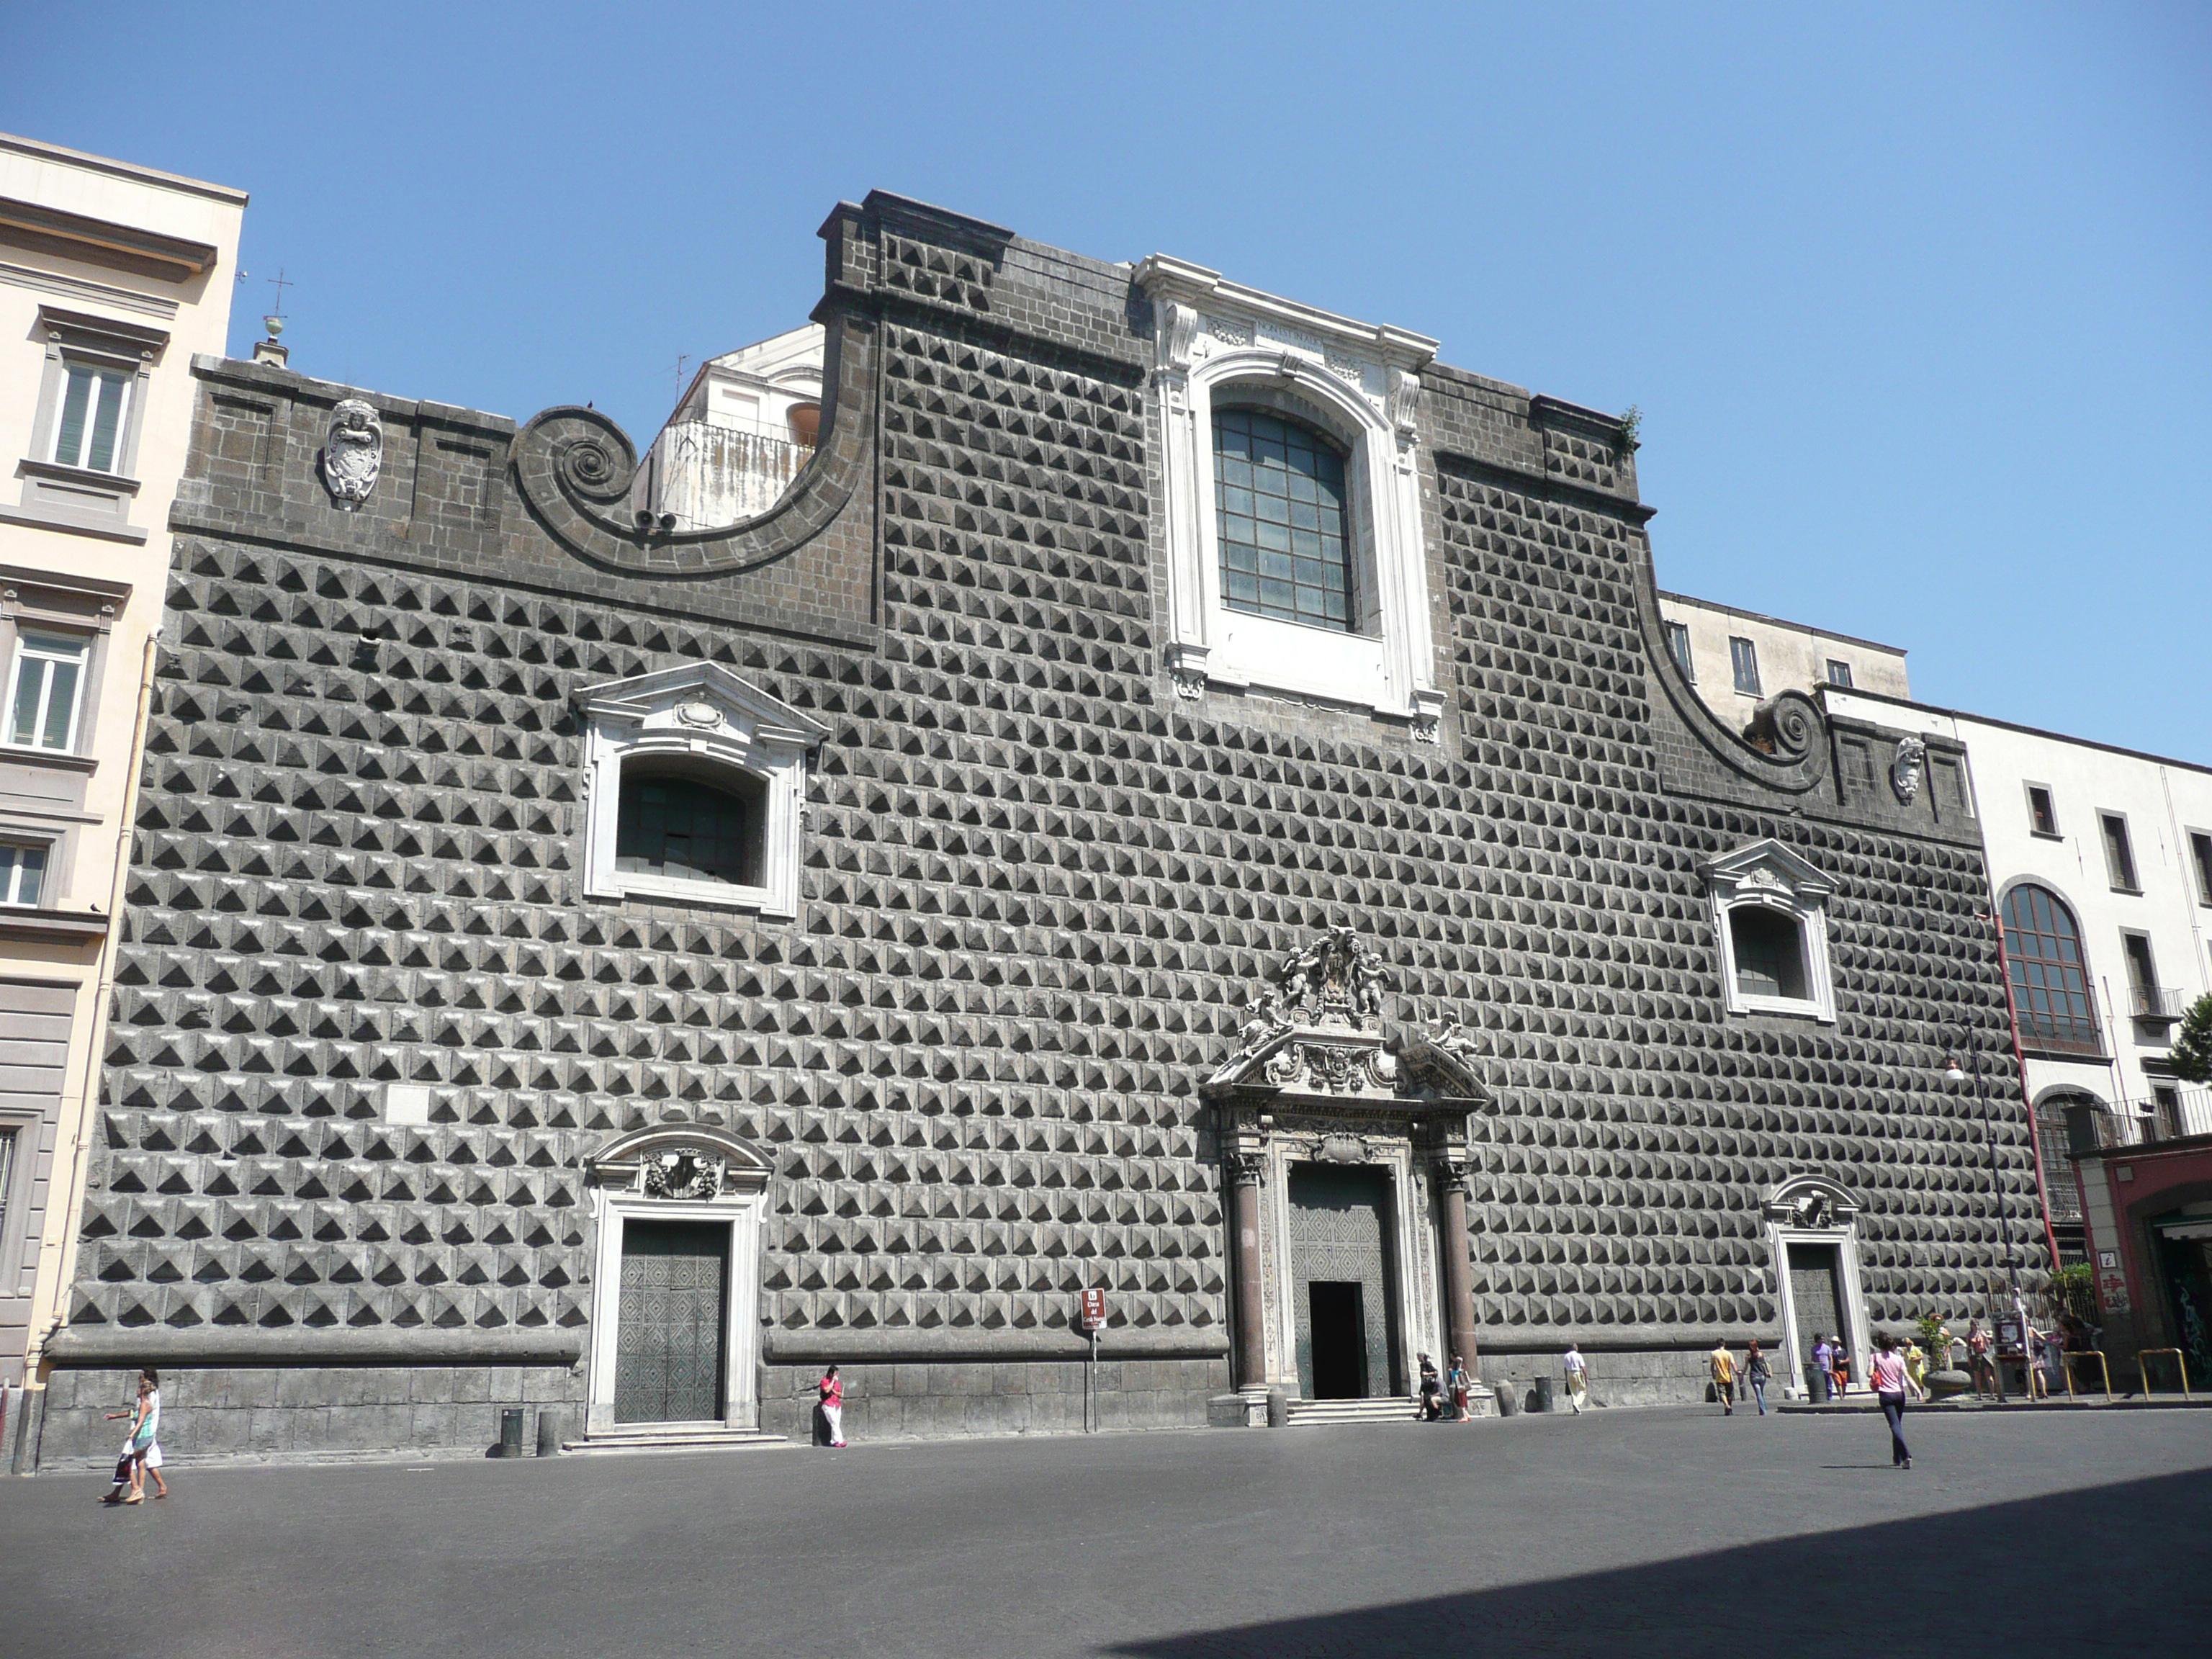 Chiesa_del_Gesù_Nuovo_Napoli